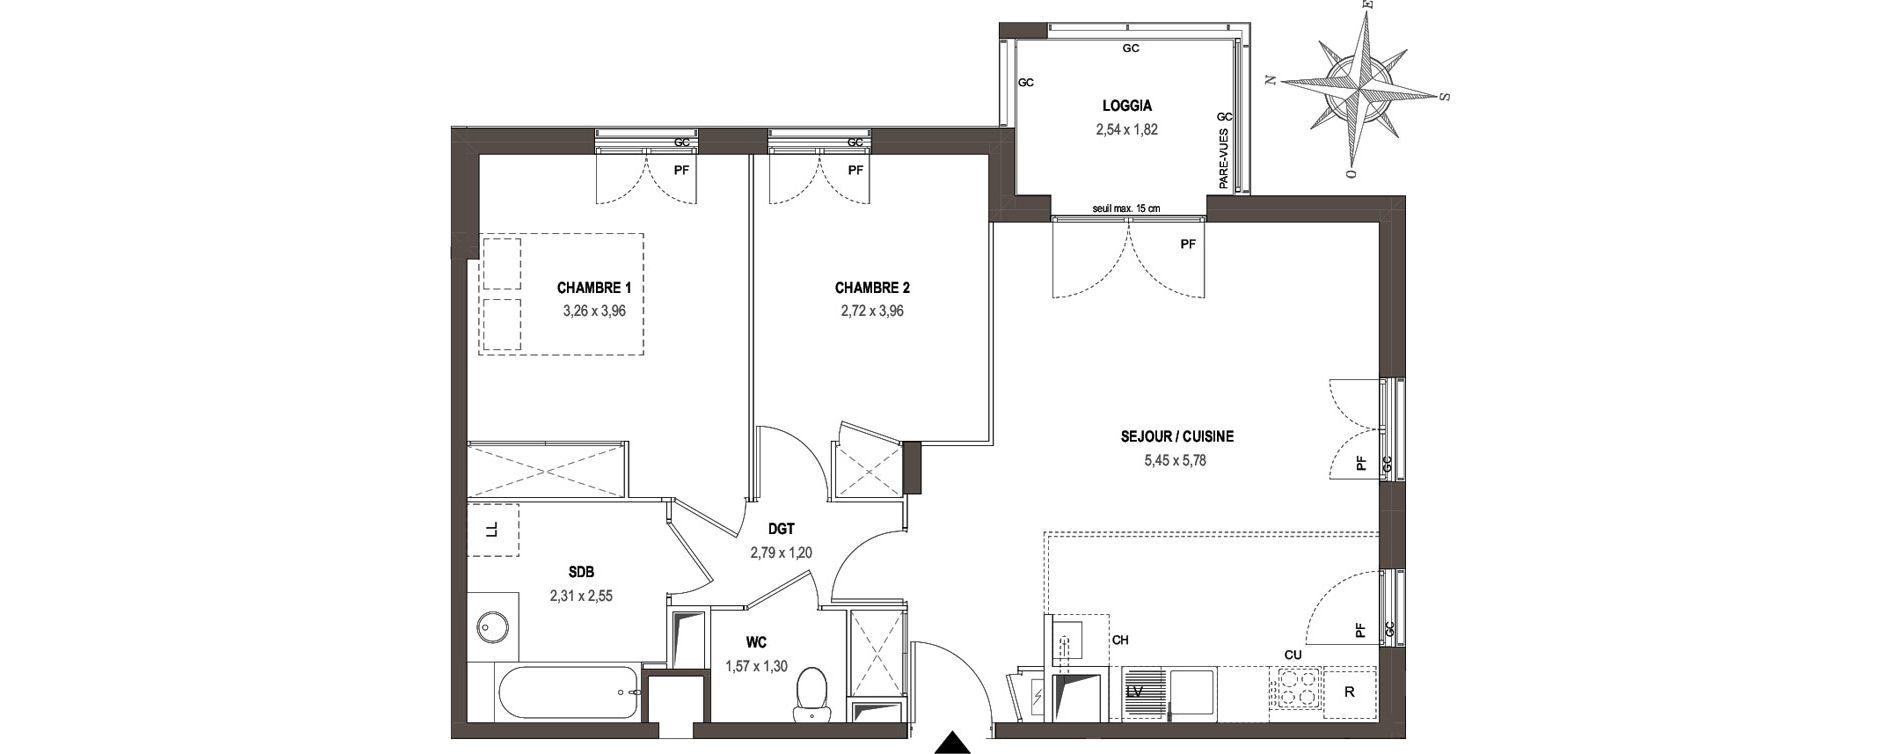 Appartement T3 de 62,56 m2 à Villeurbanne Gratte-ciel - dedieu - charmettes